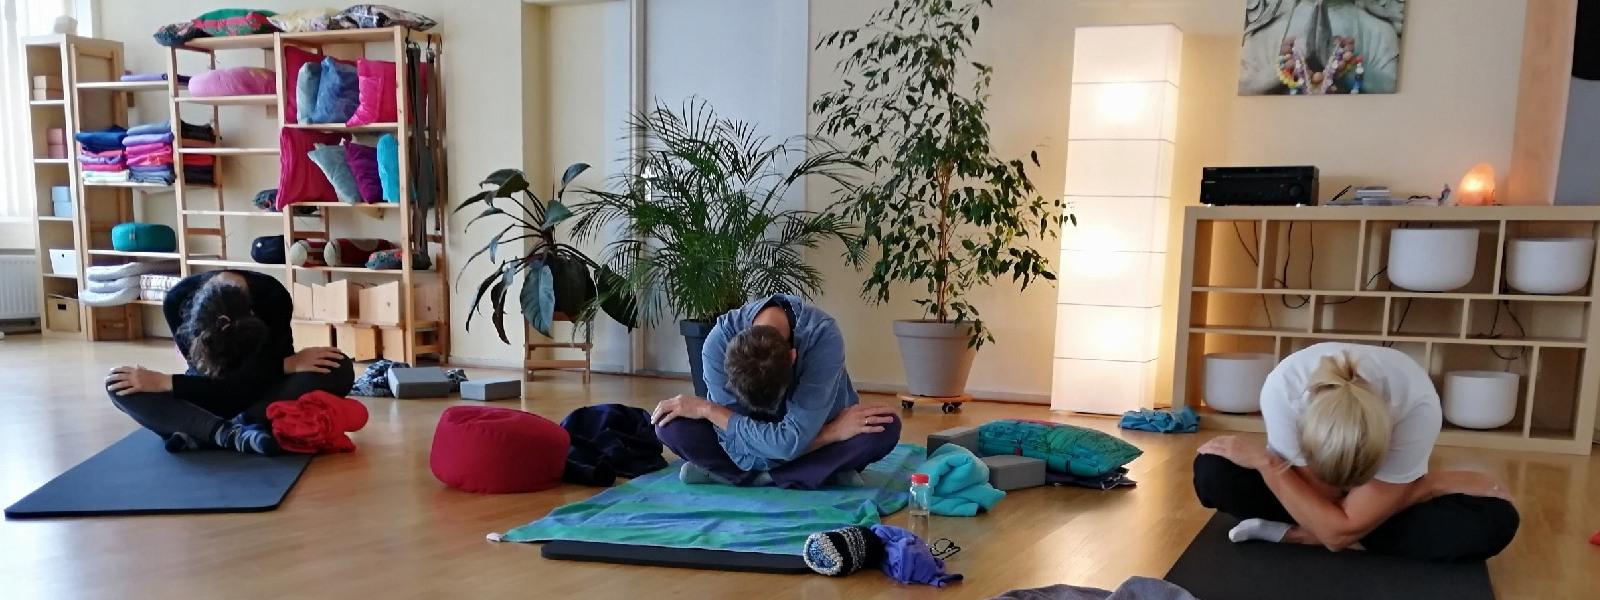 Hayha yoga, zachte yoga, English hatha yoga, power yoga Enschede